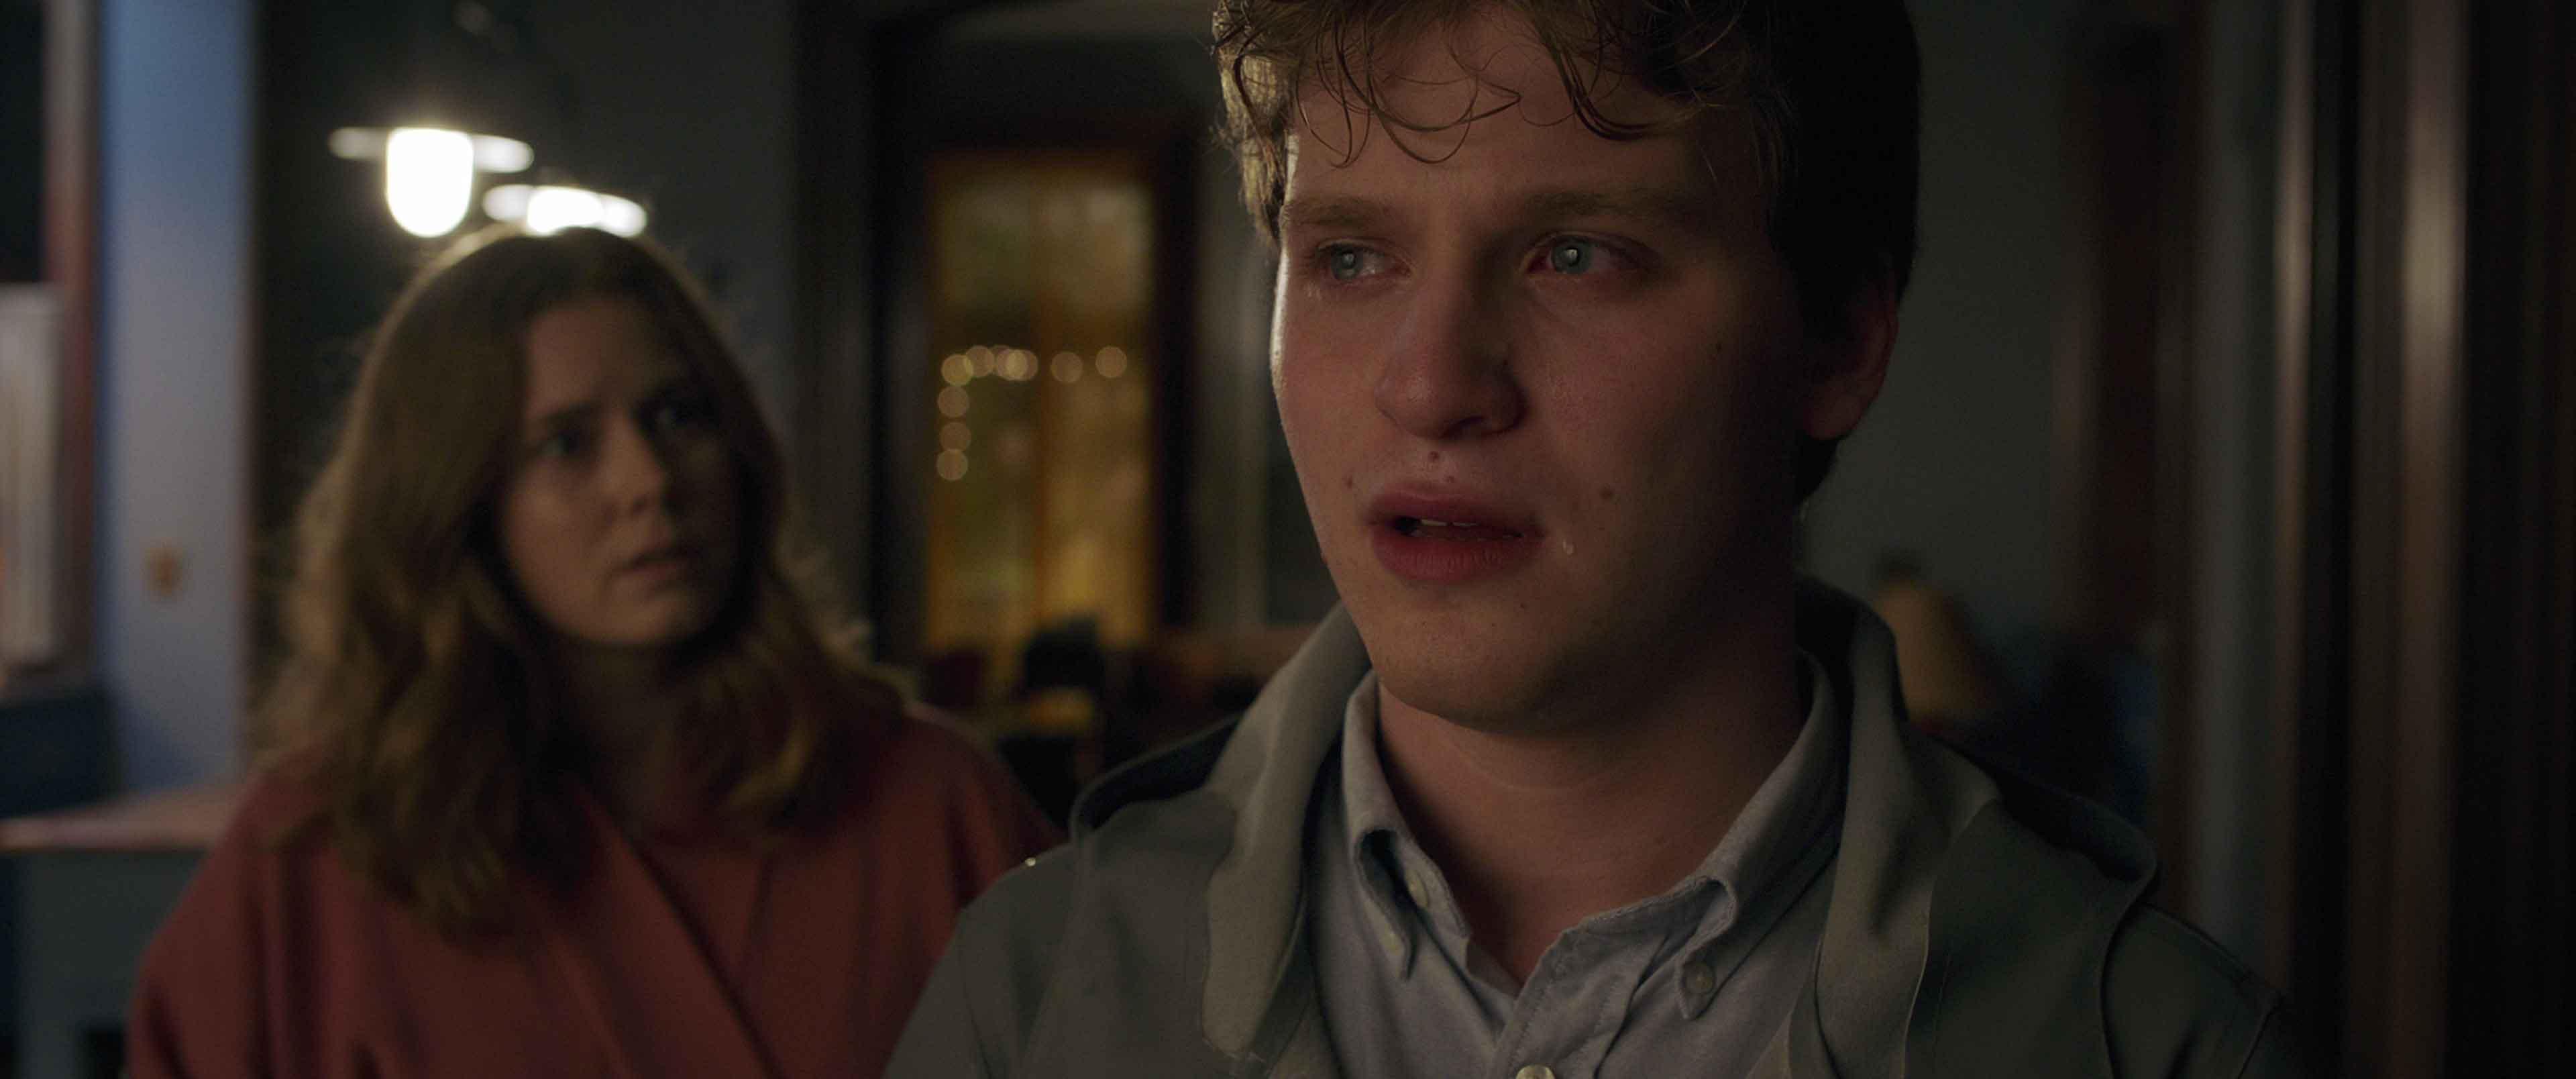 La donna alla finestra recensione film Netflix di Joe Wright con Amy Adams